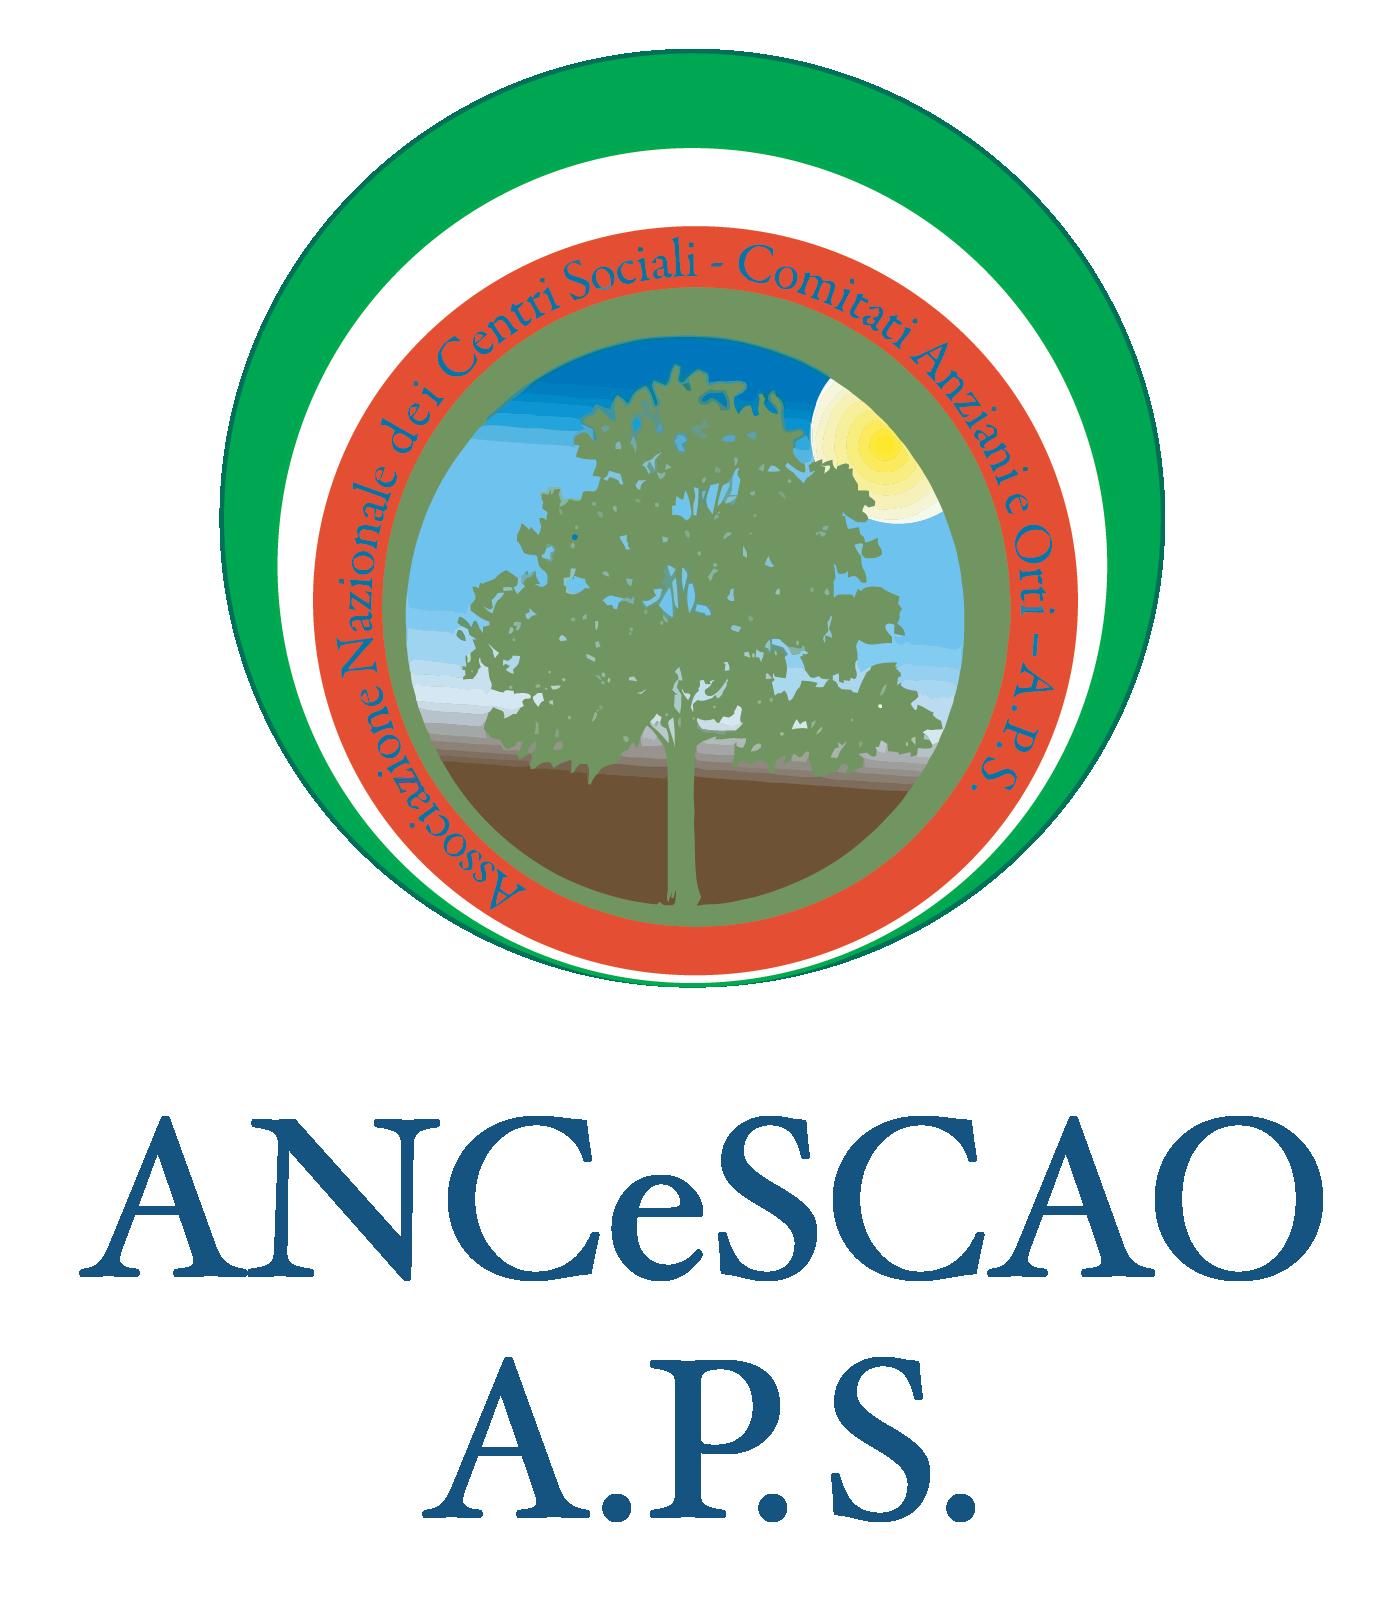 Associazione Nazionale dei Centri Sociali-Comitati Anziani e Orti